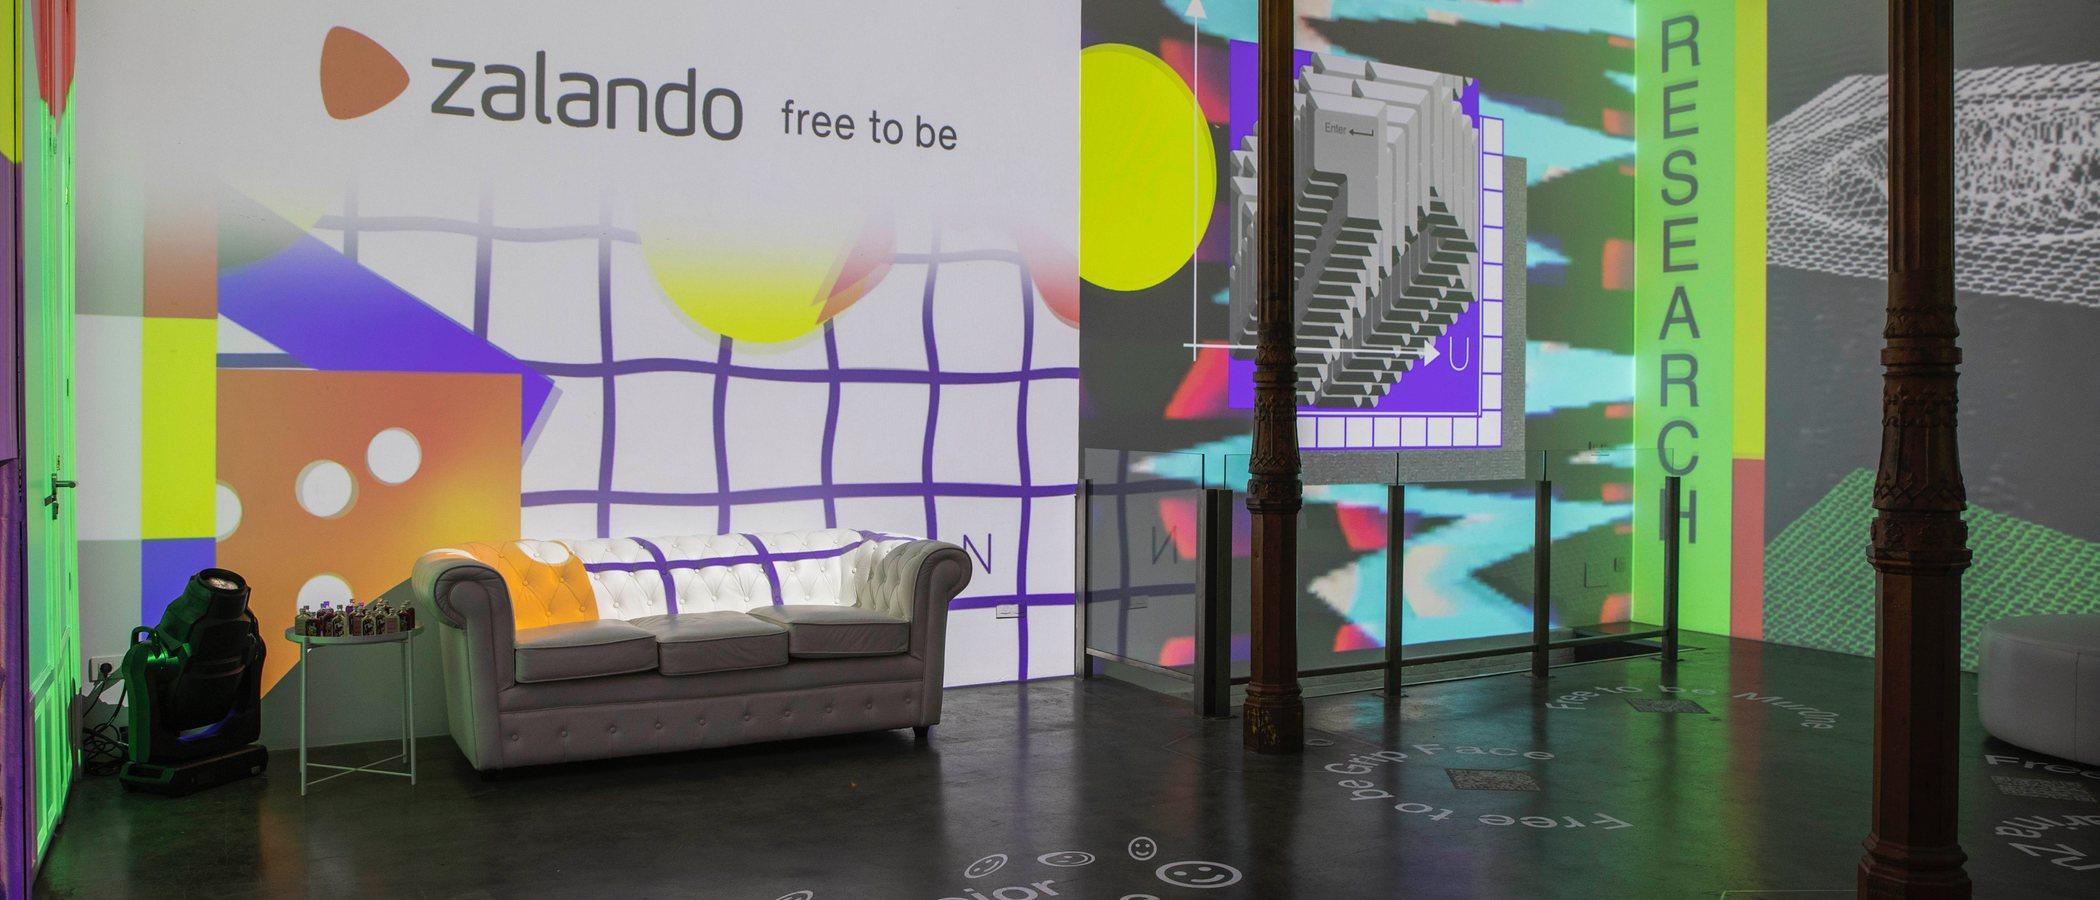 Zalando abre una tienda pop-up en pleno centro de Madrid